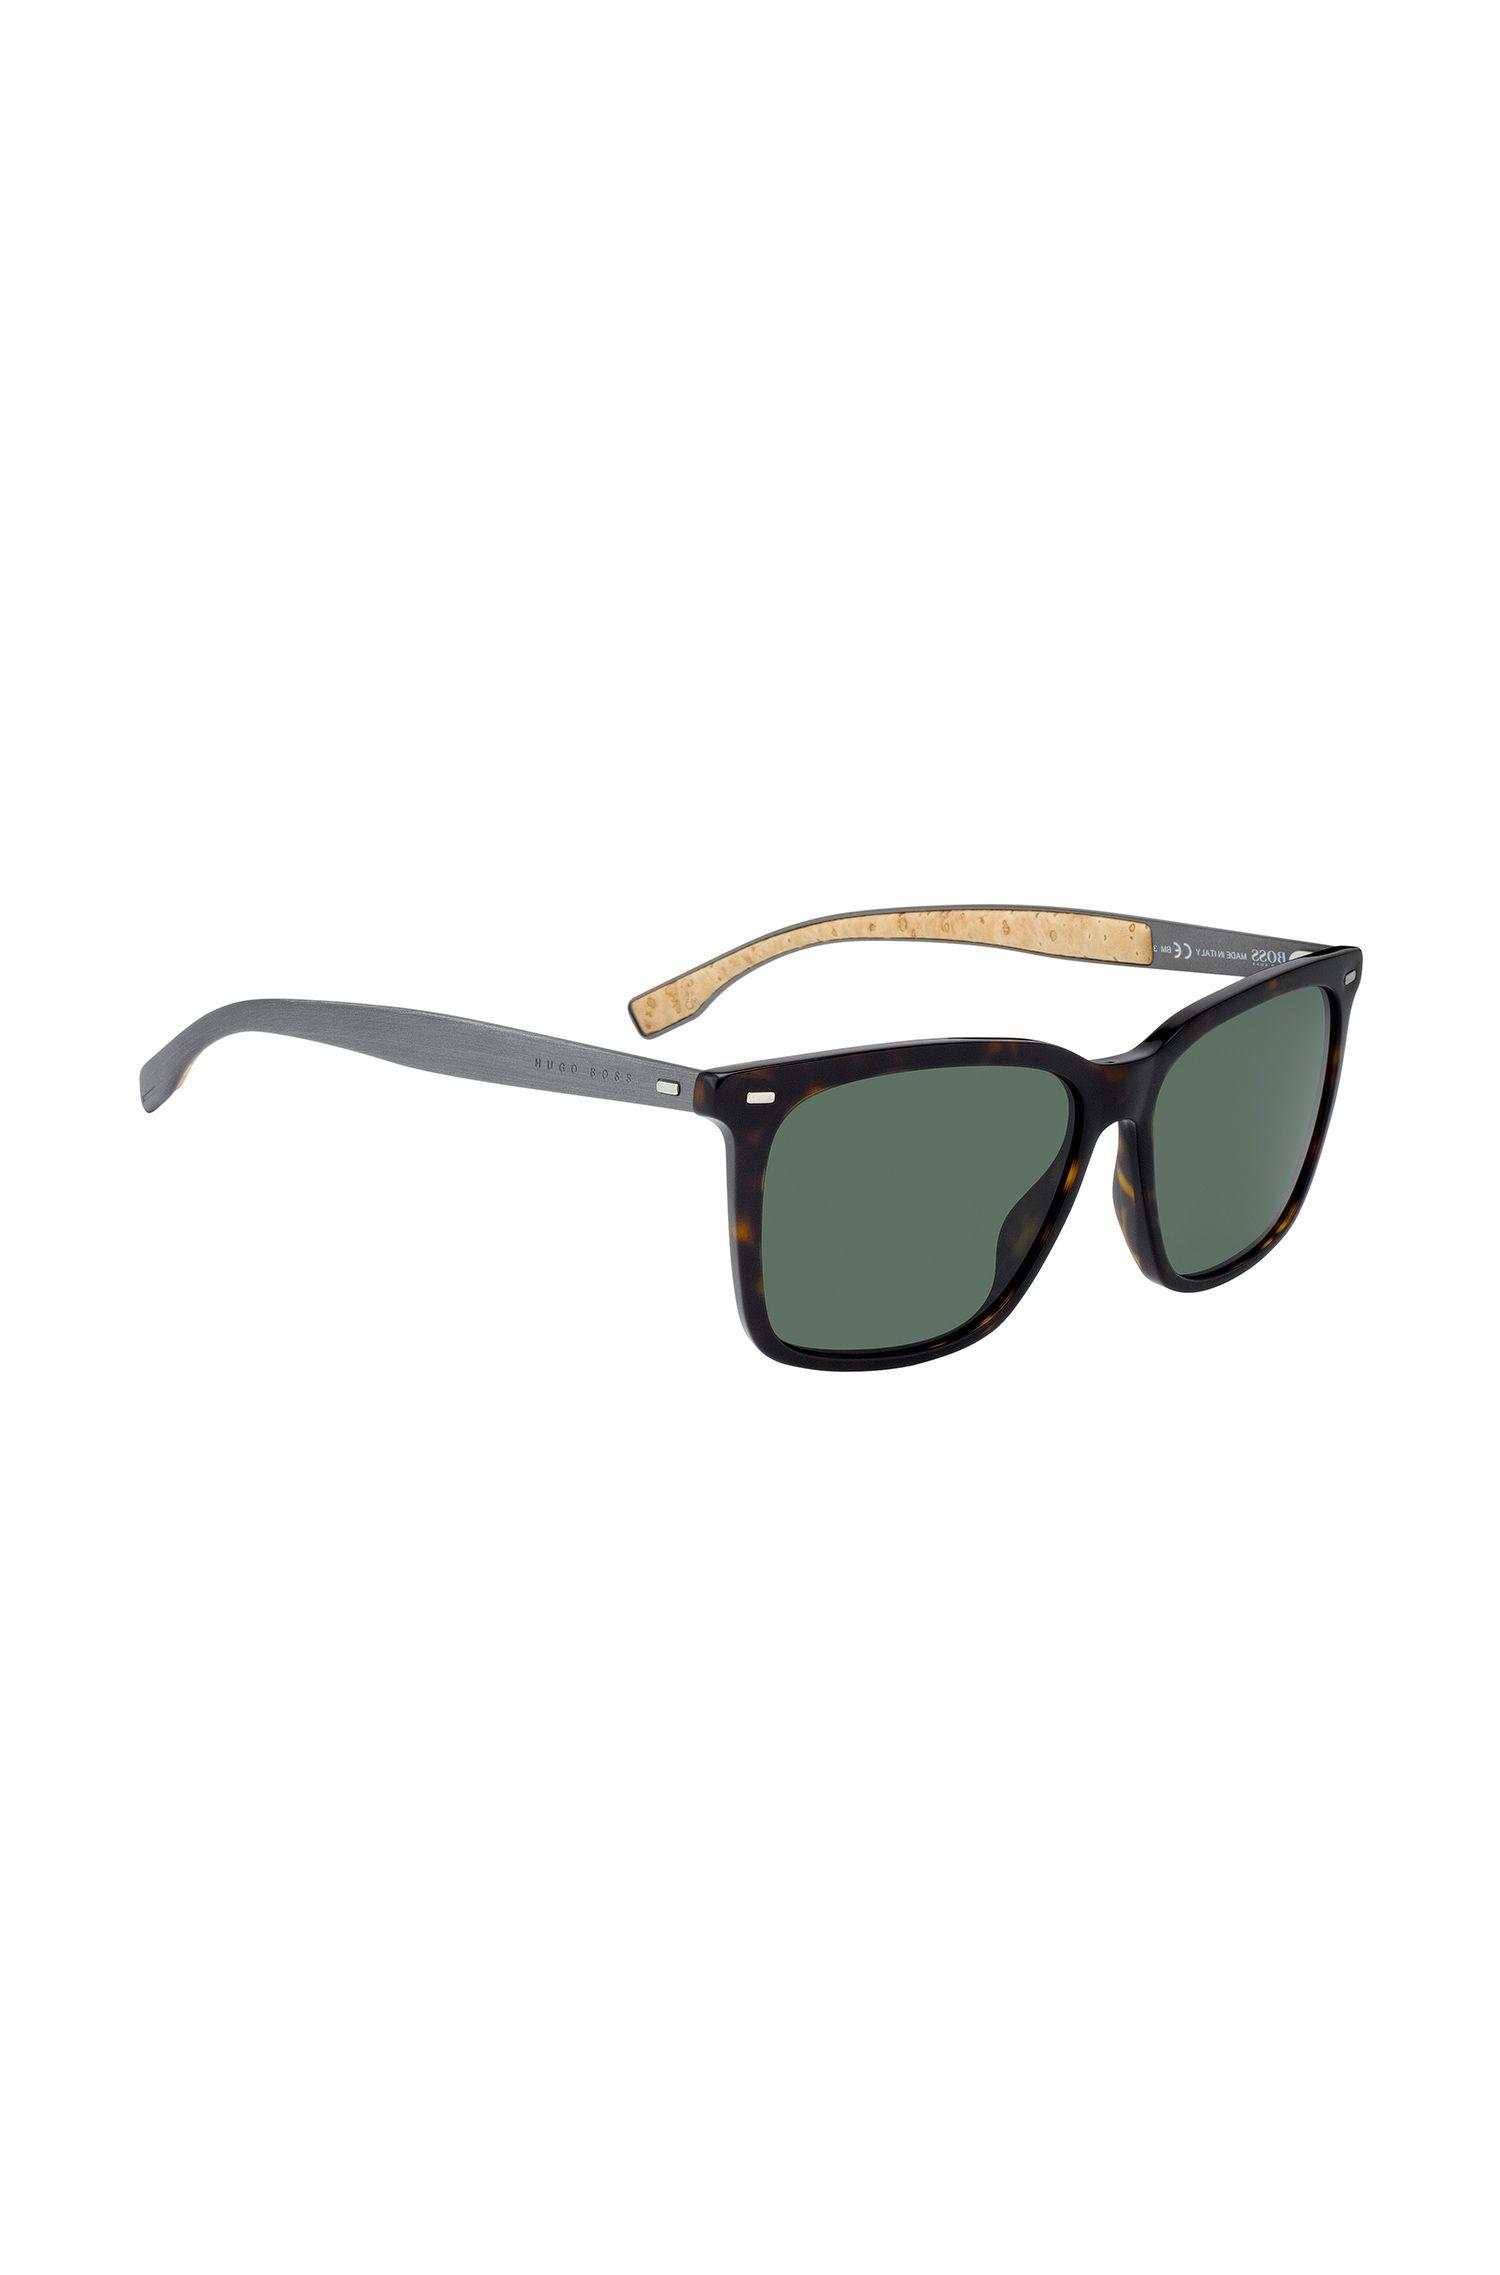 Tortoiseshell Acetate Rectangular Sunglasses | BOSS 08883S